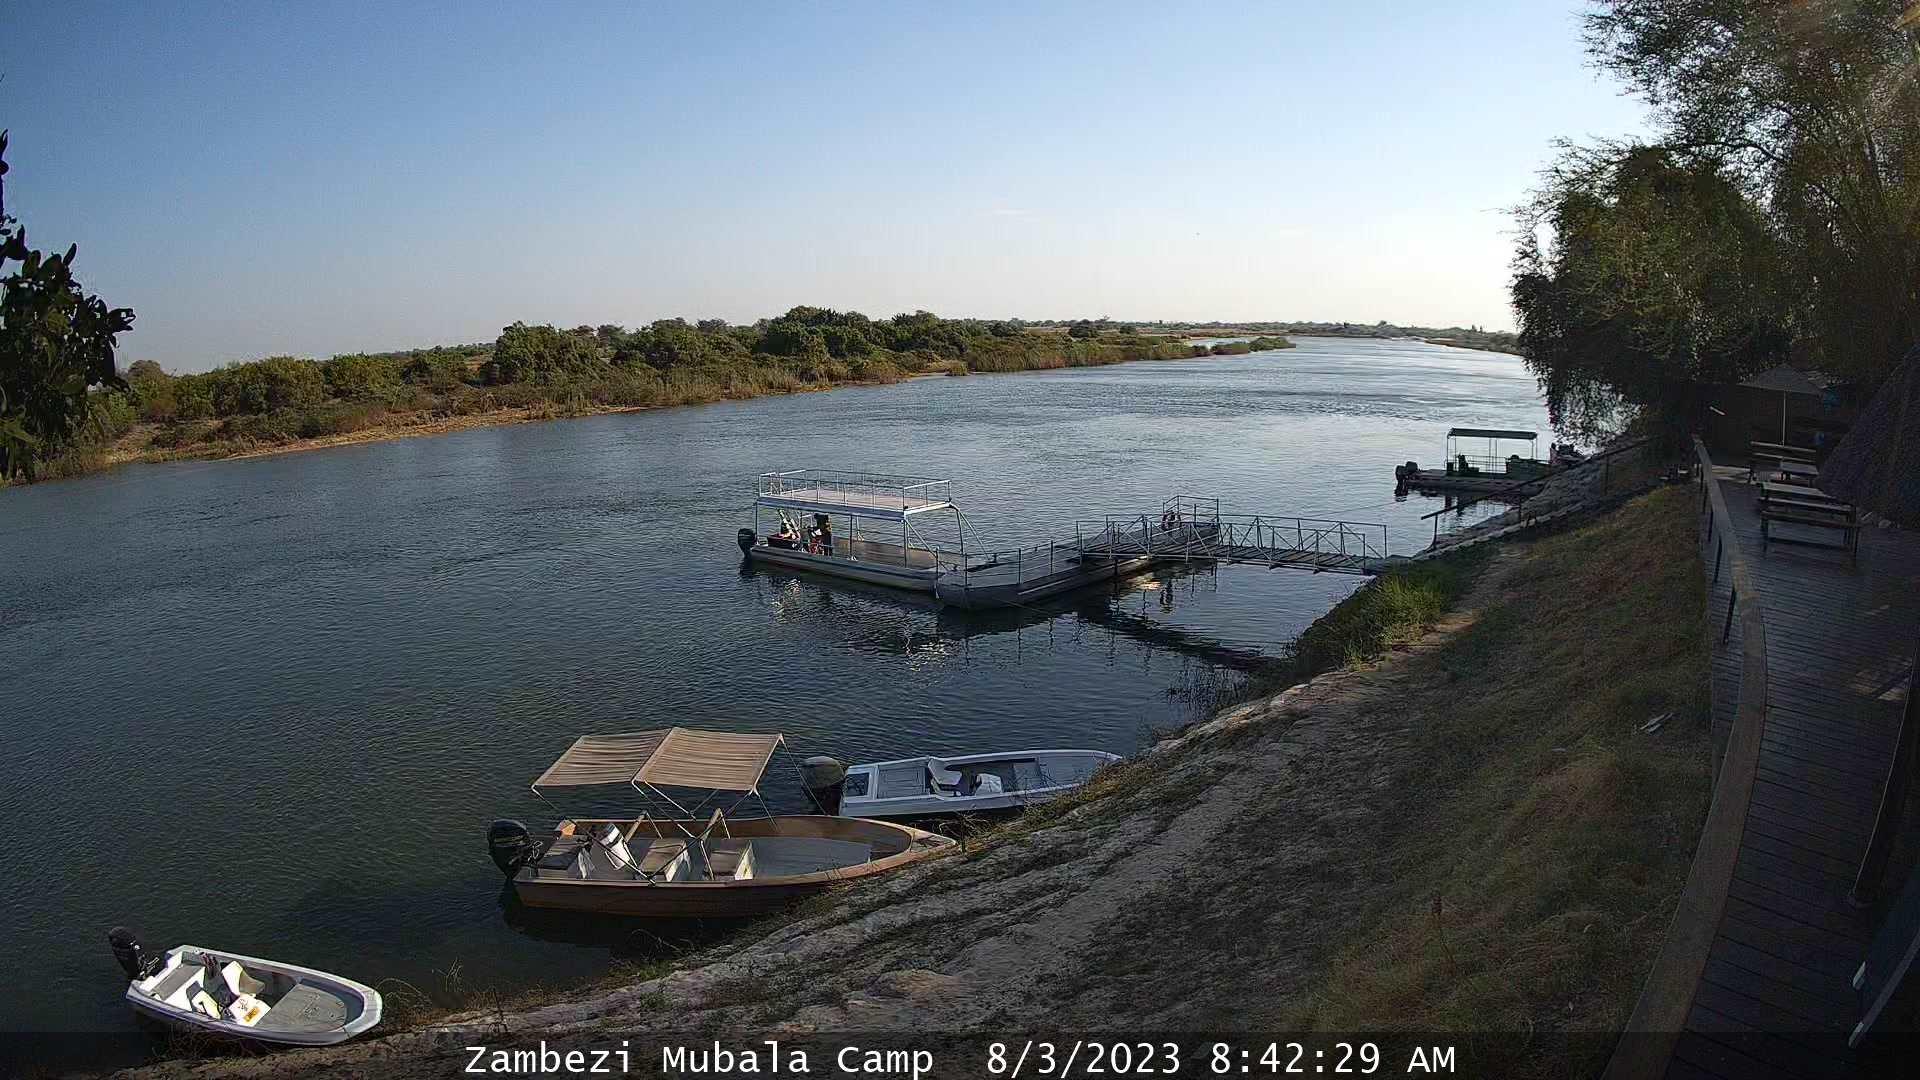 Zambezi Mubala Camp WebCam